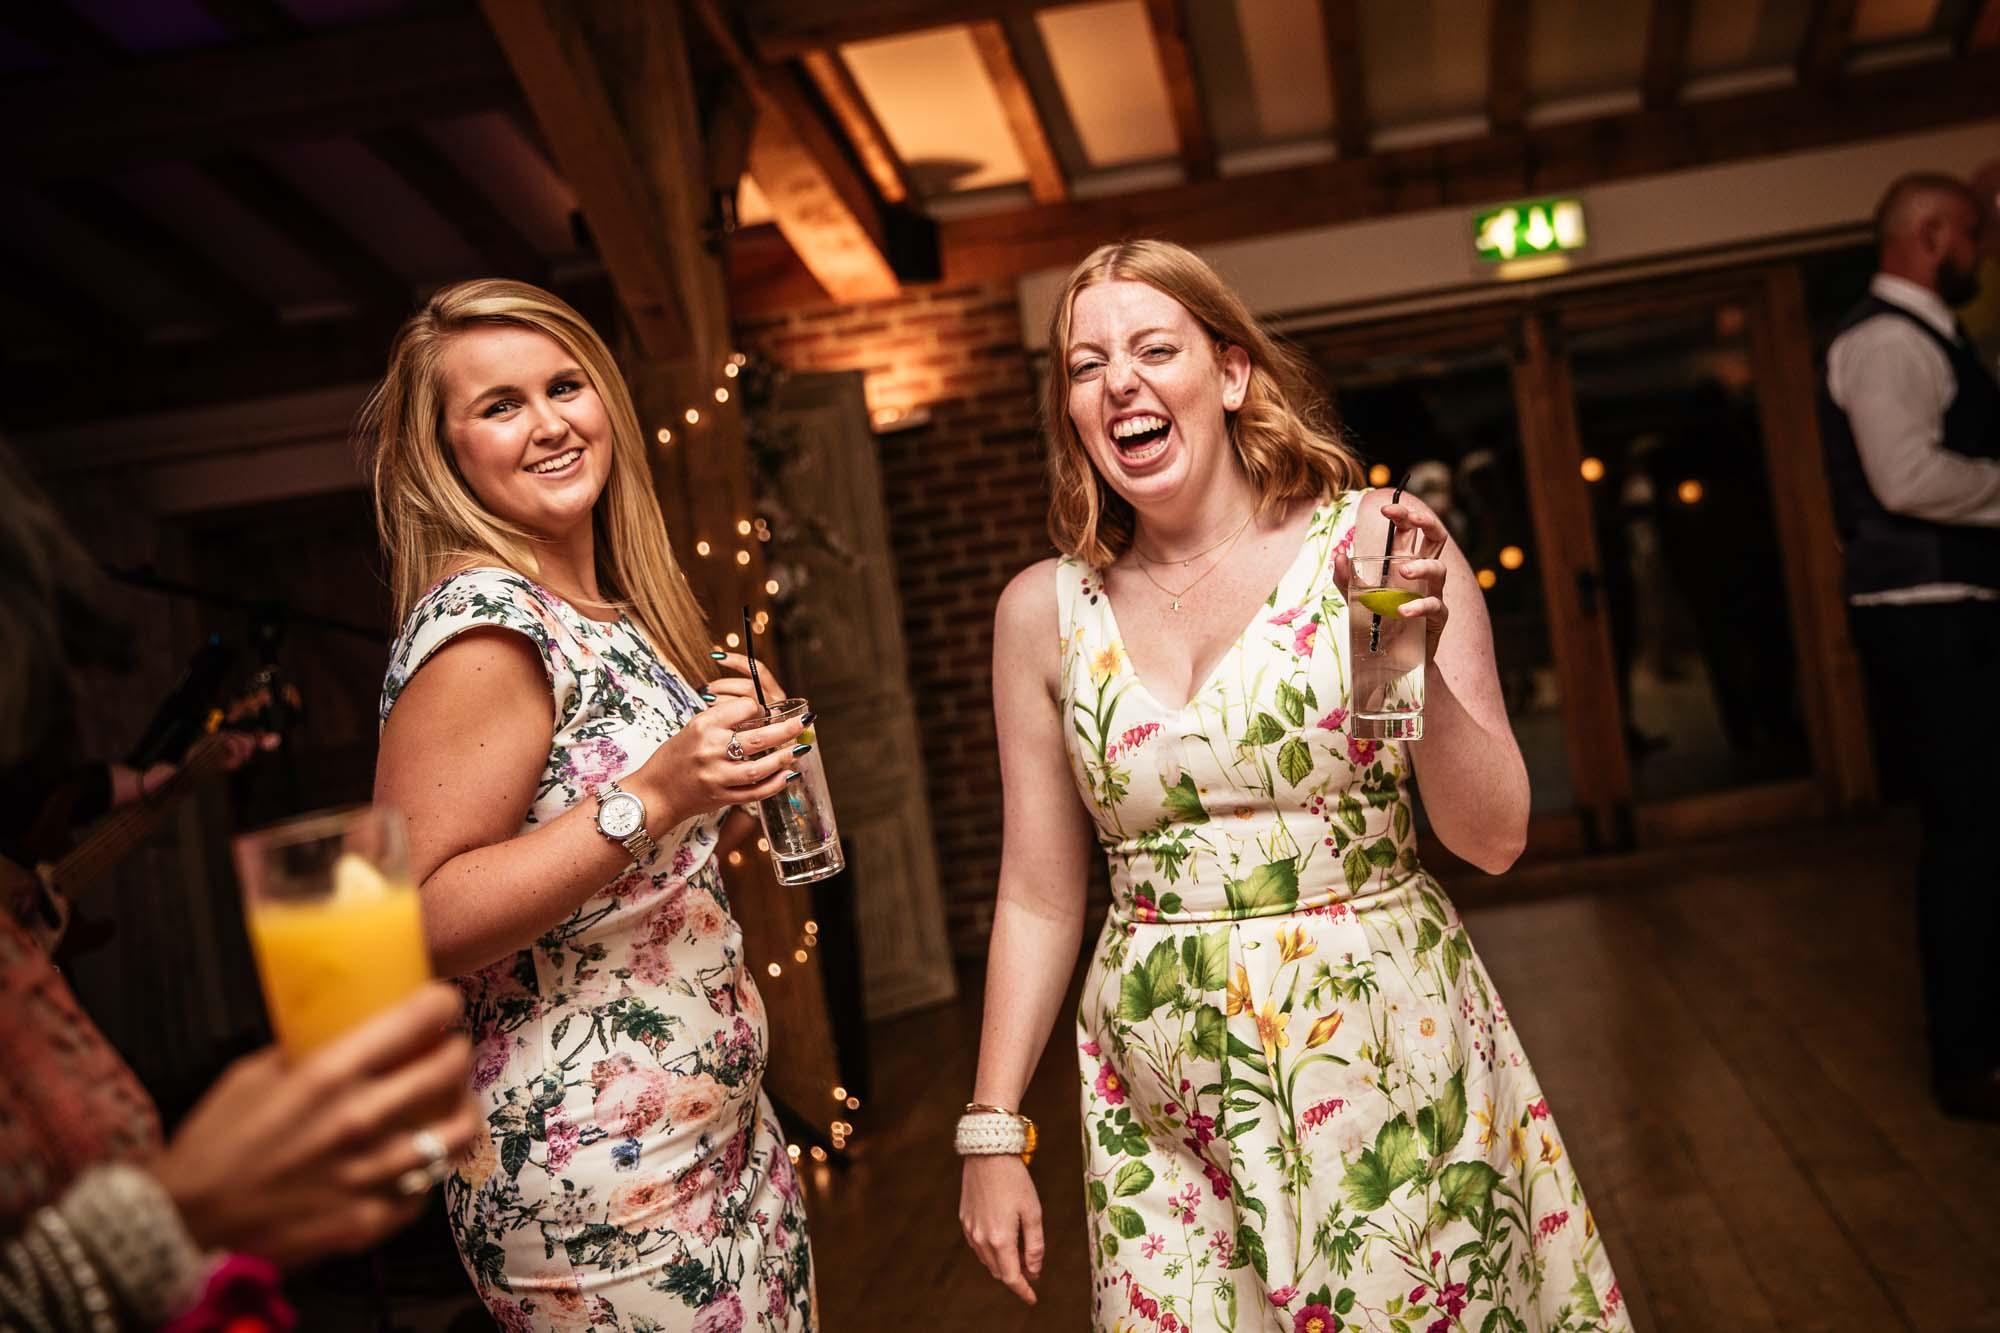 Colourful Fun Wedding Photos